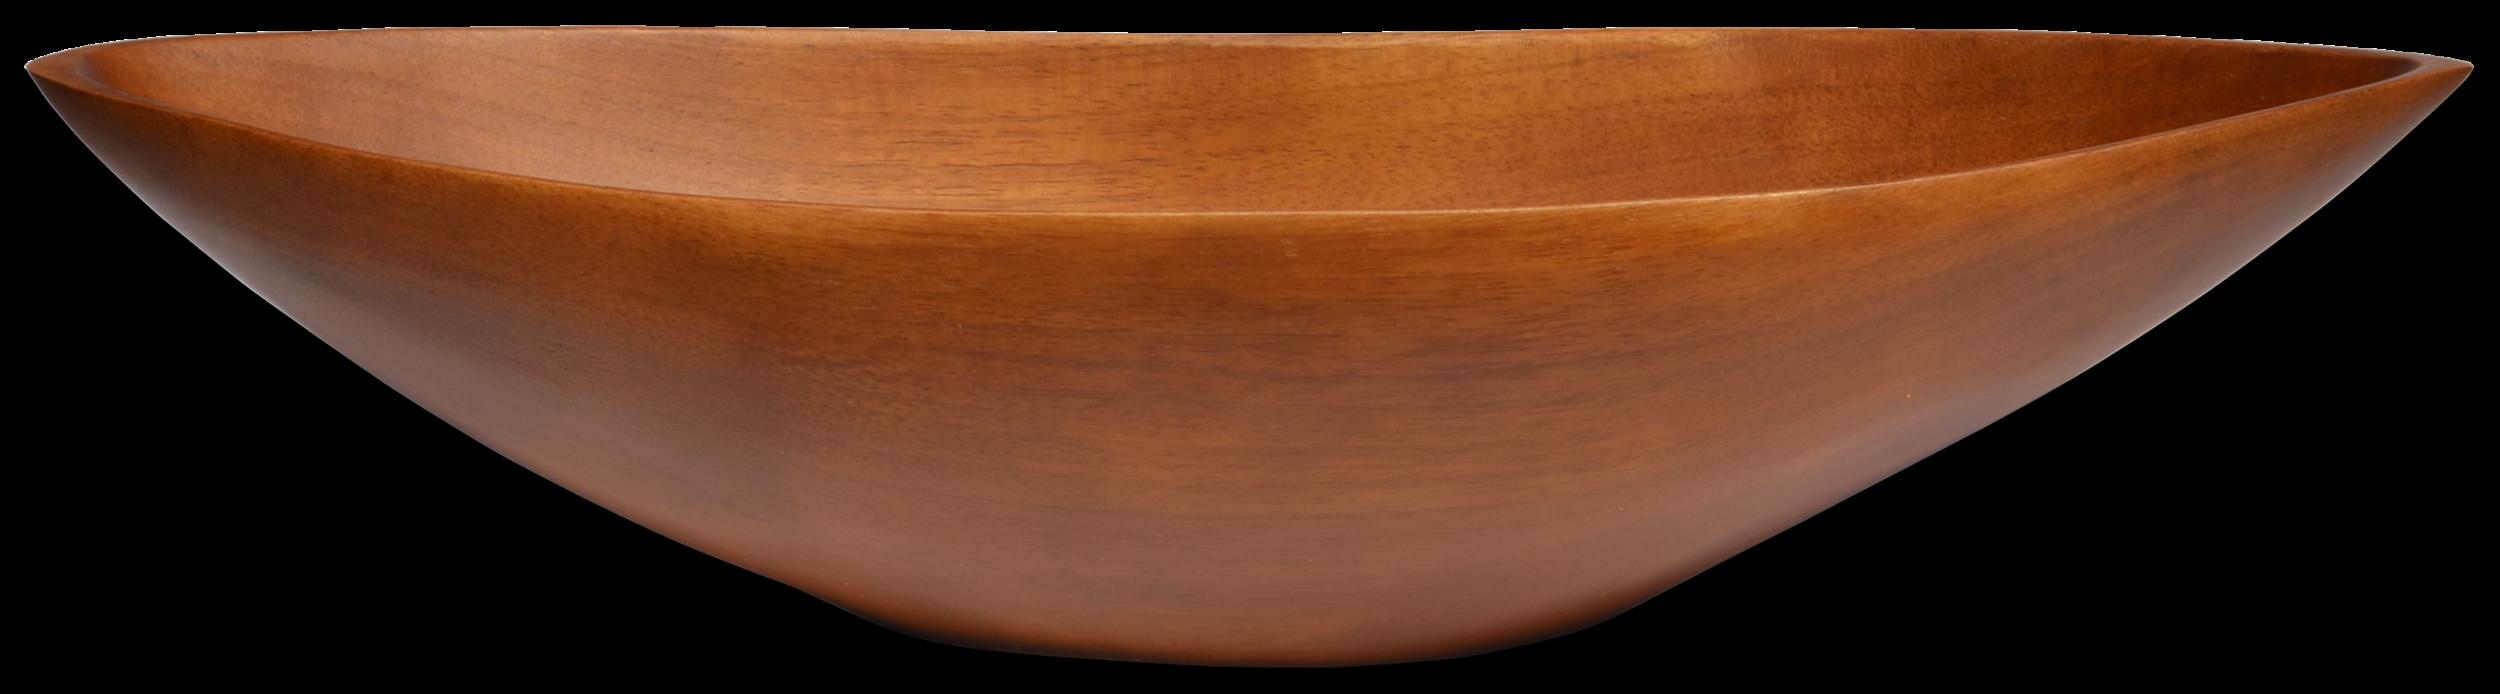 Donna Karan Natural Boat Bowl